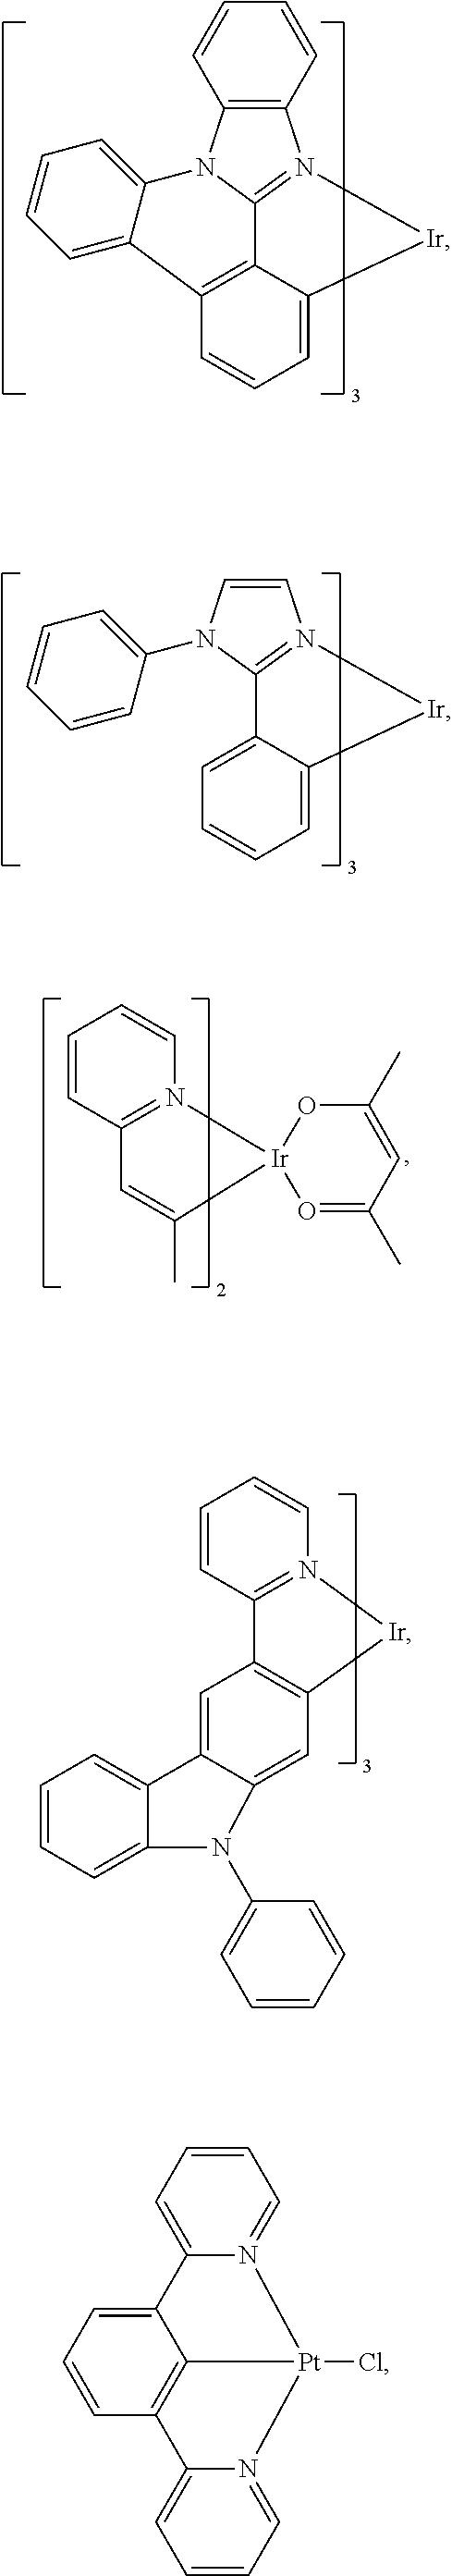 Figure US09455411-20160927-C00204